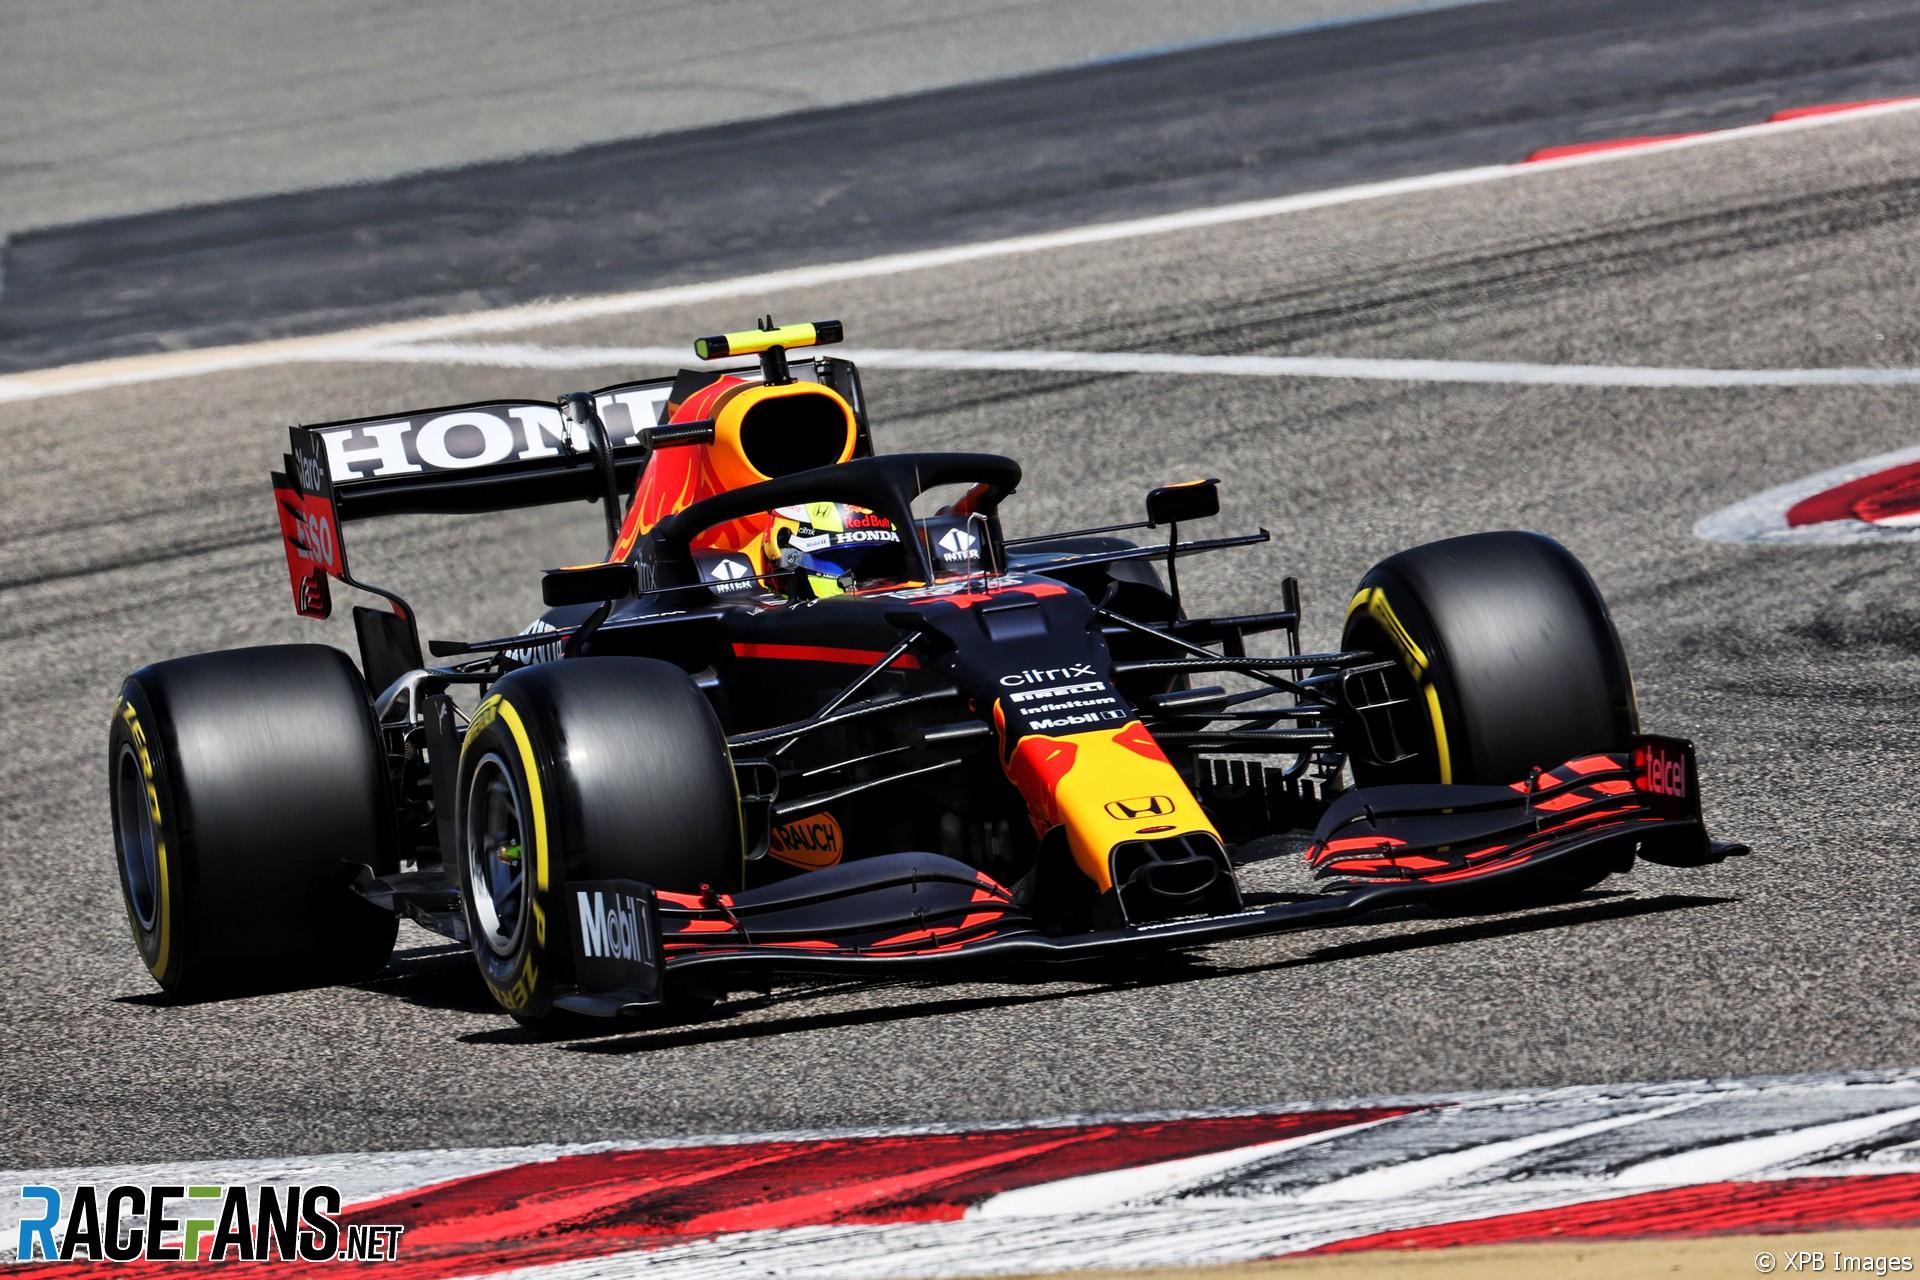 Sergio Pérez, Red Bull, Circuito Internacional de Baréin, 2021